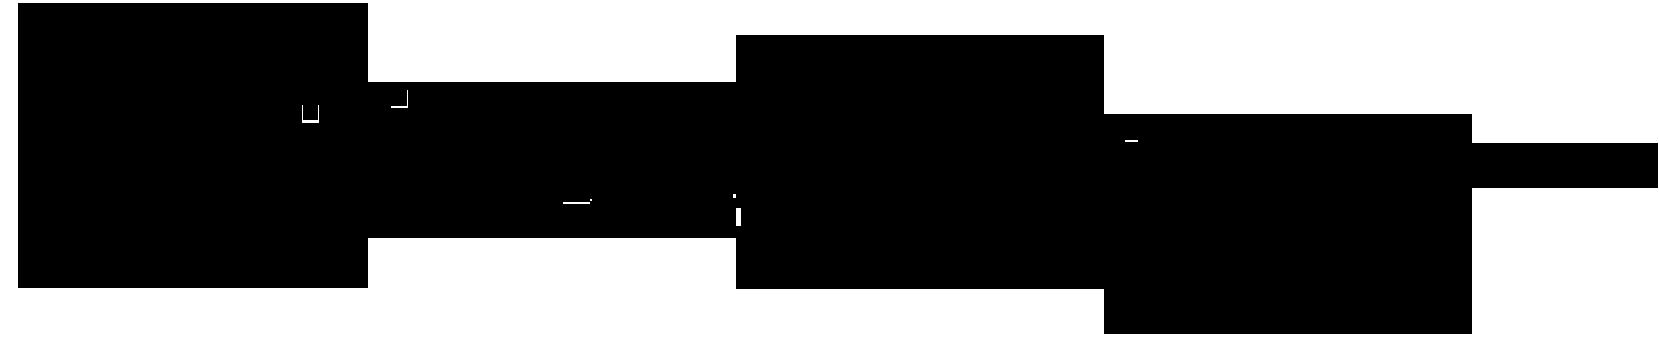 Raija Merilä's Signature